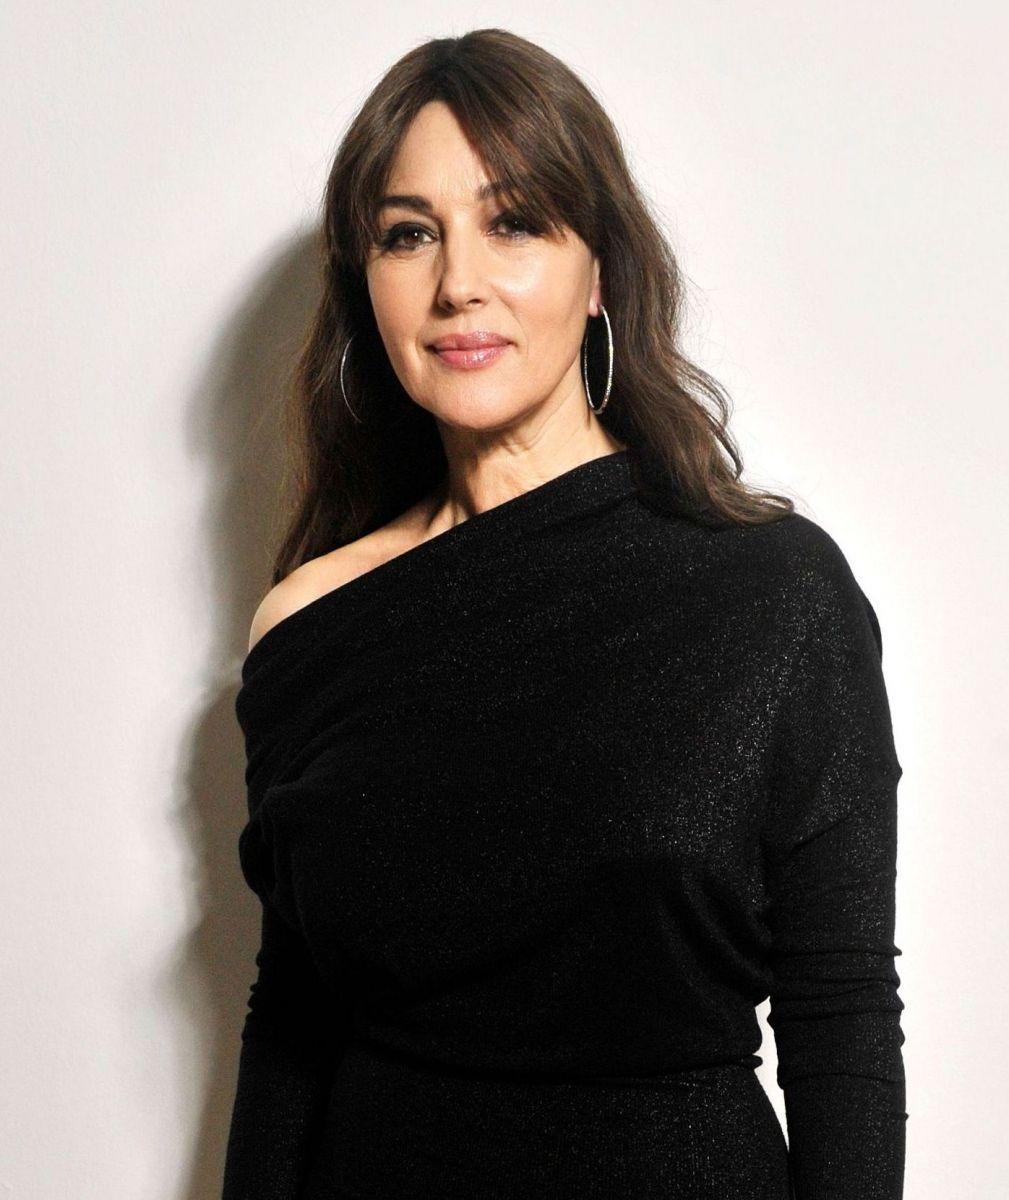 Моника Беллуччи покорила изысканным образом в винтажном платье от Dior (ФОТО)